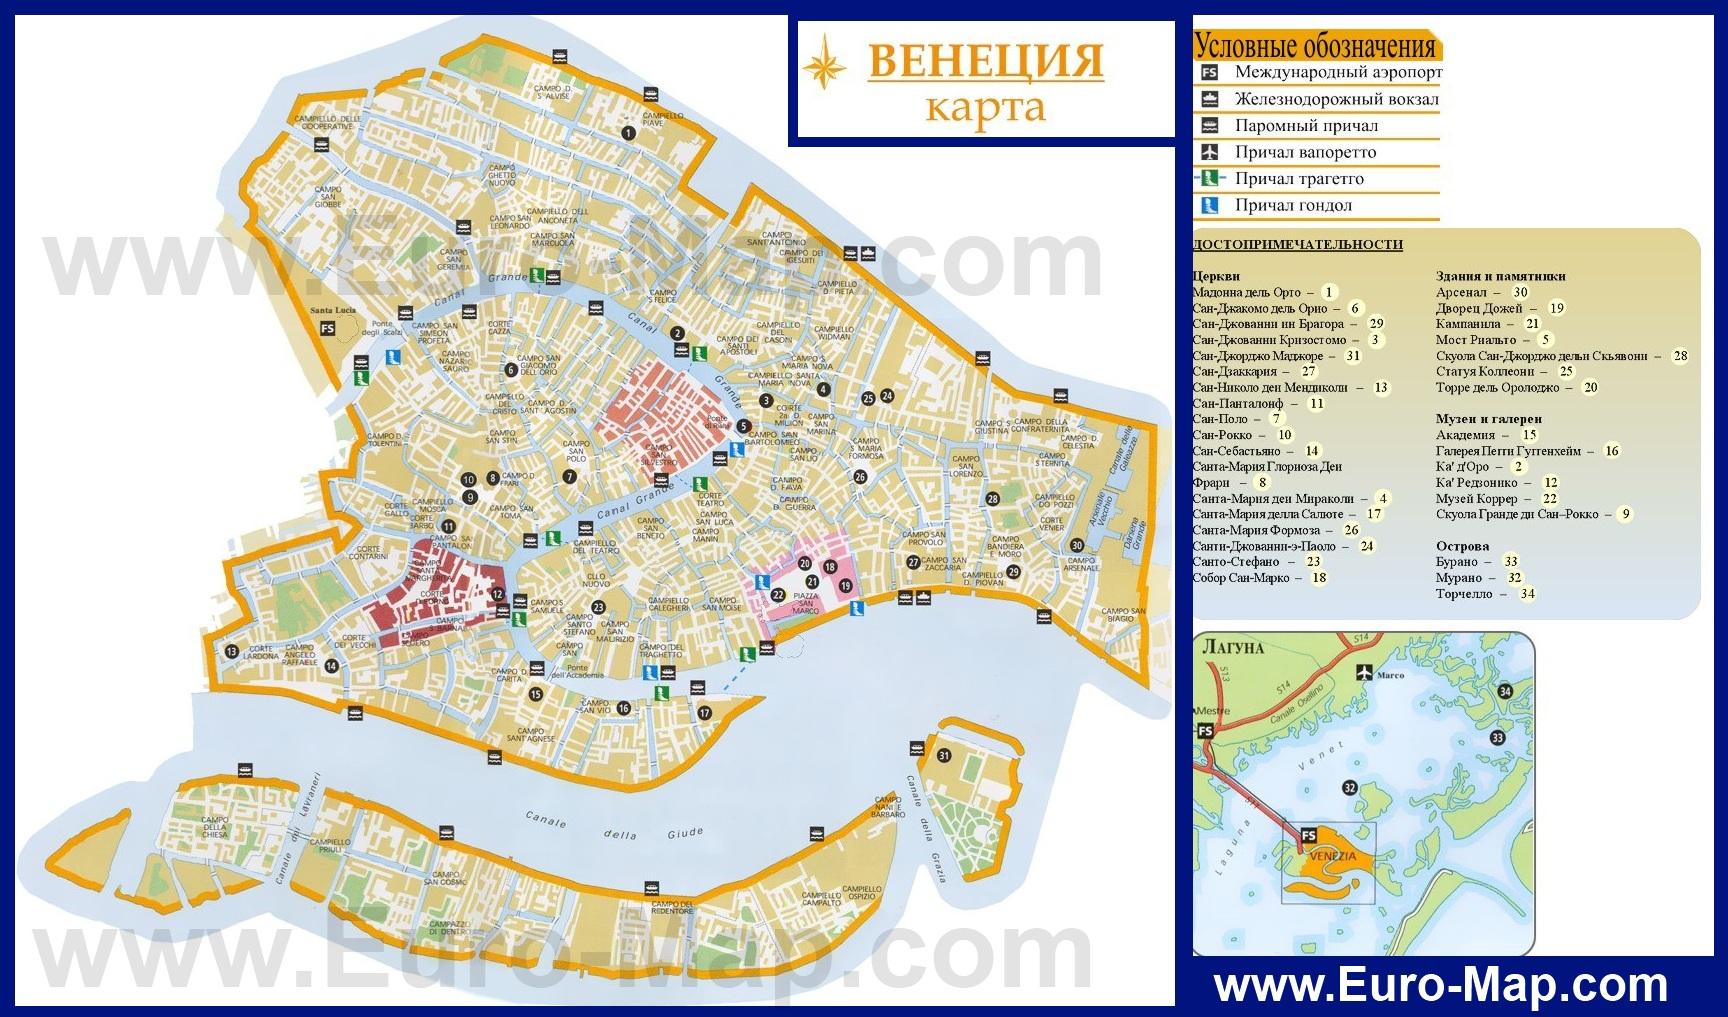 Карта венеции на русском языке с